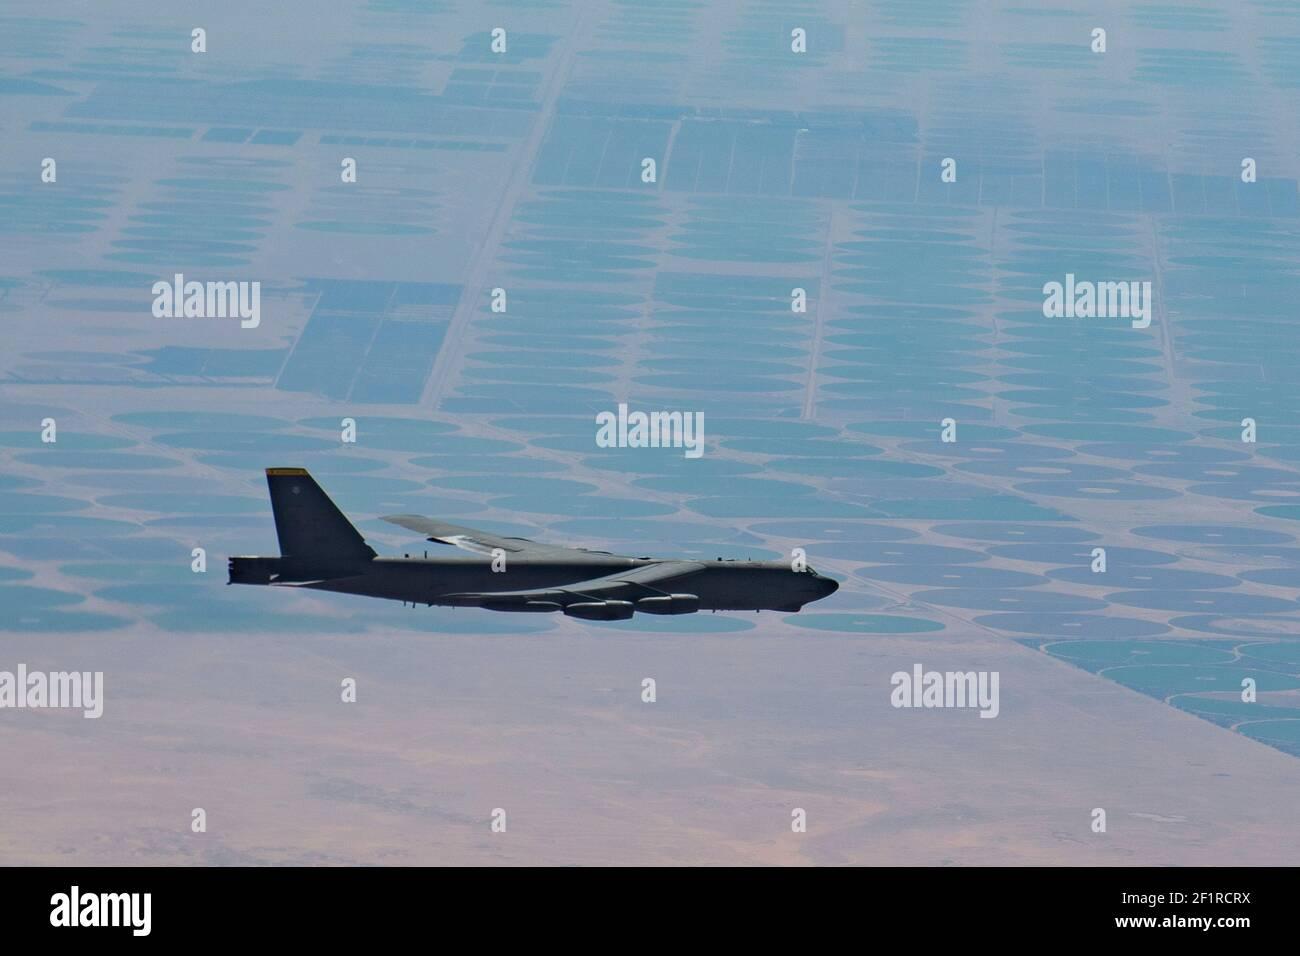 Un bombardier stratégique B-52H de la Force aérienne américaine affecté à la 5e Escadre de la bombe se brise après avoir fait le plein d'un prolongateur KC-10 affecté au 908e Escadron de ravitaillement en vol expéditionnaire le 7 mars 2021 au-dessus du golfe Persique. L'avion a survolé le golfe Persique pour dissuader une agression potentielle de la part de l'Iran. Banque D'Images